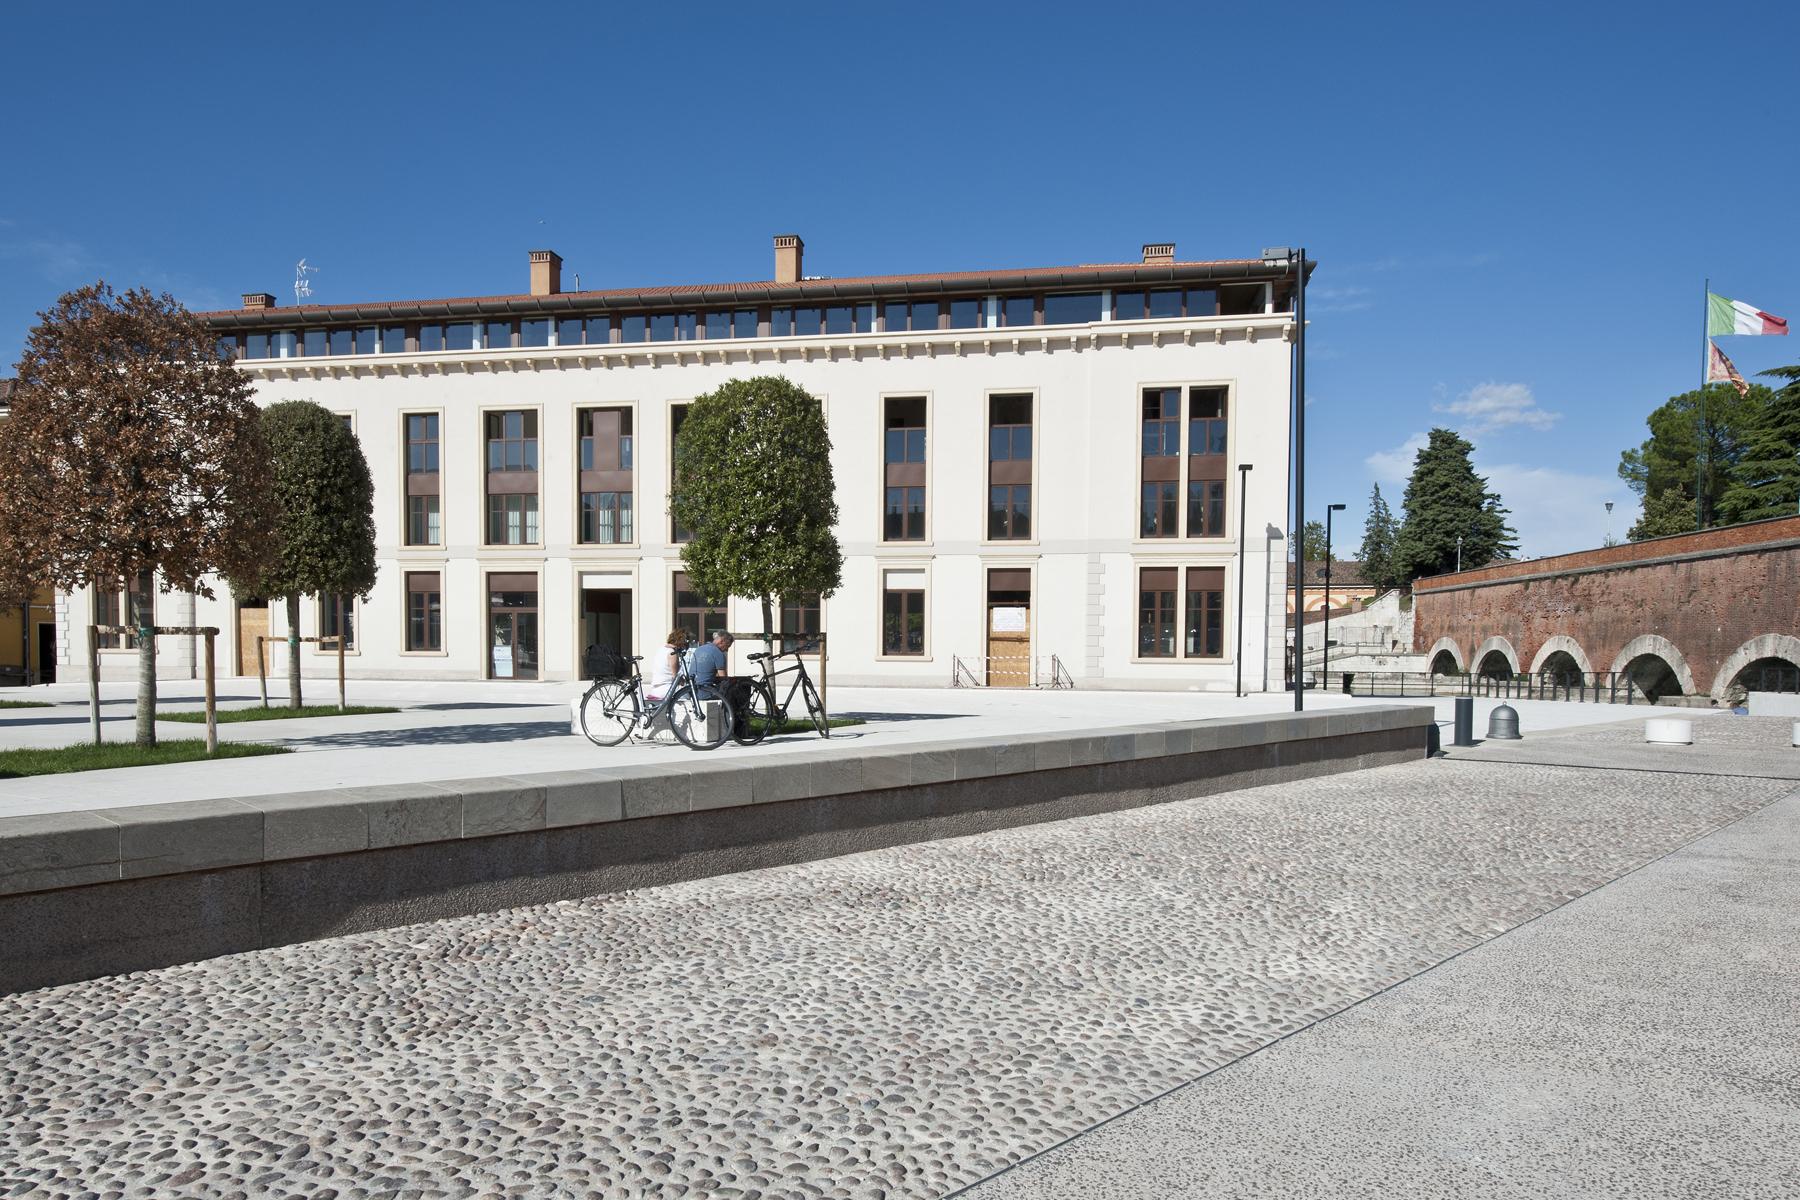 Attico in Vendita a Peschiera Del Garda: 5 locali, 165 mq - Foto 4